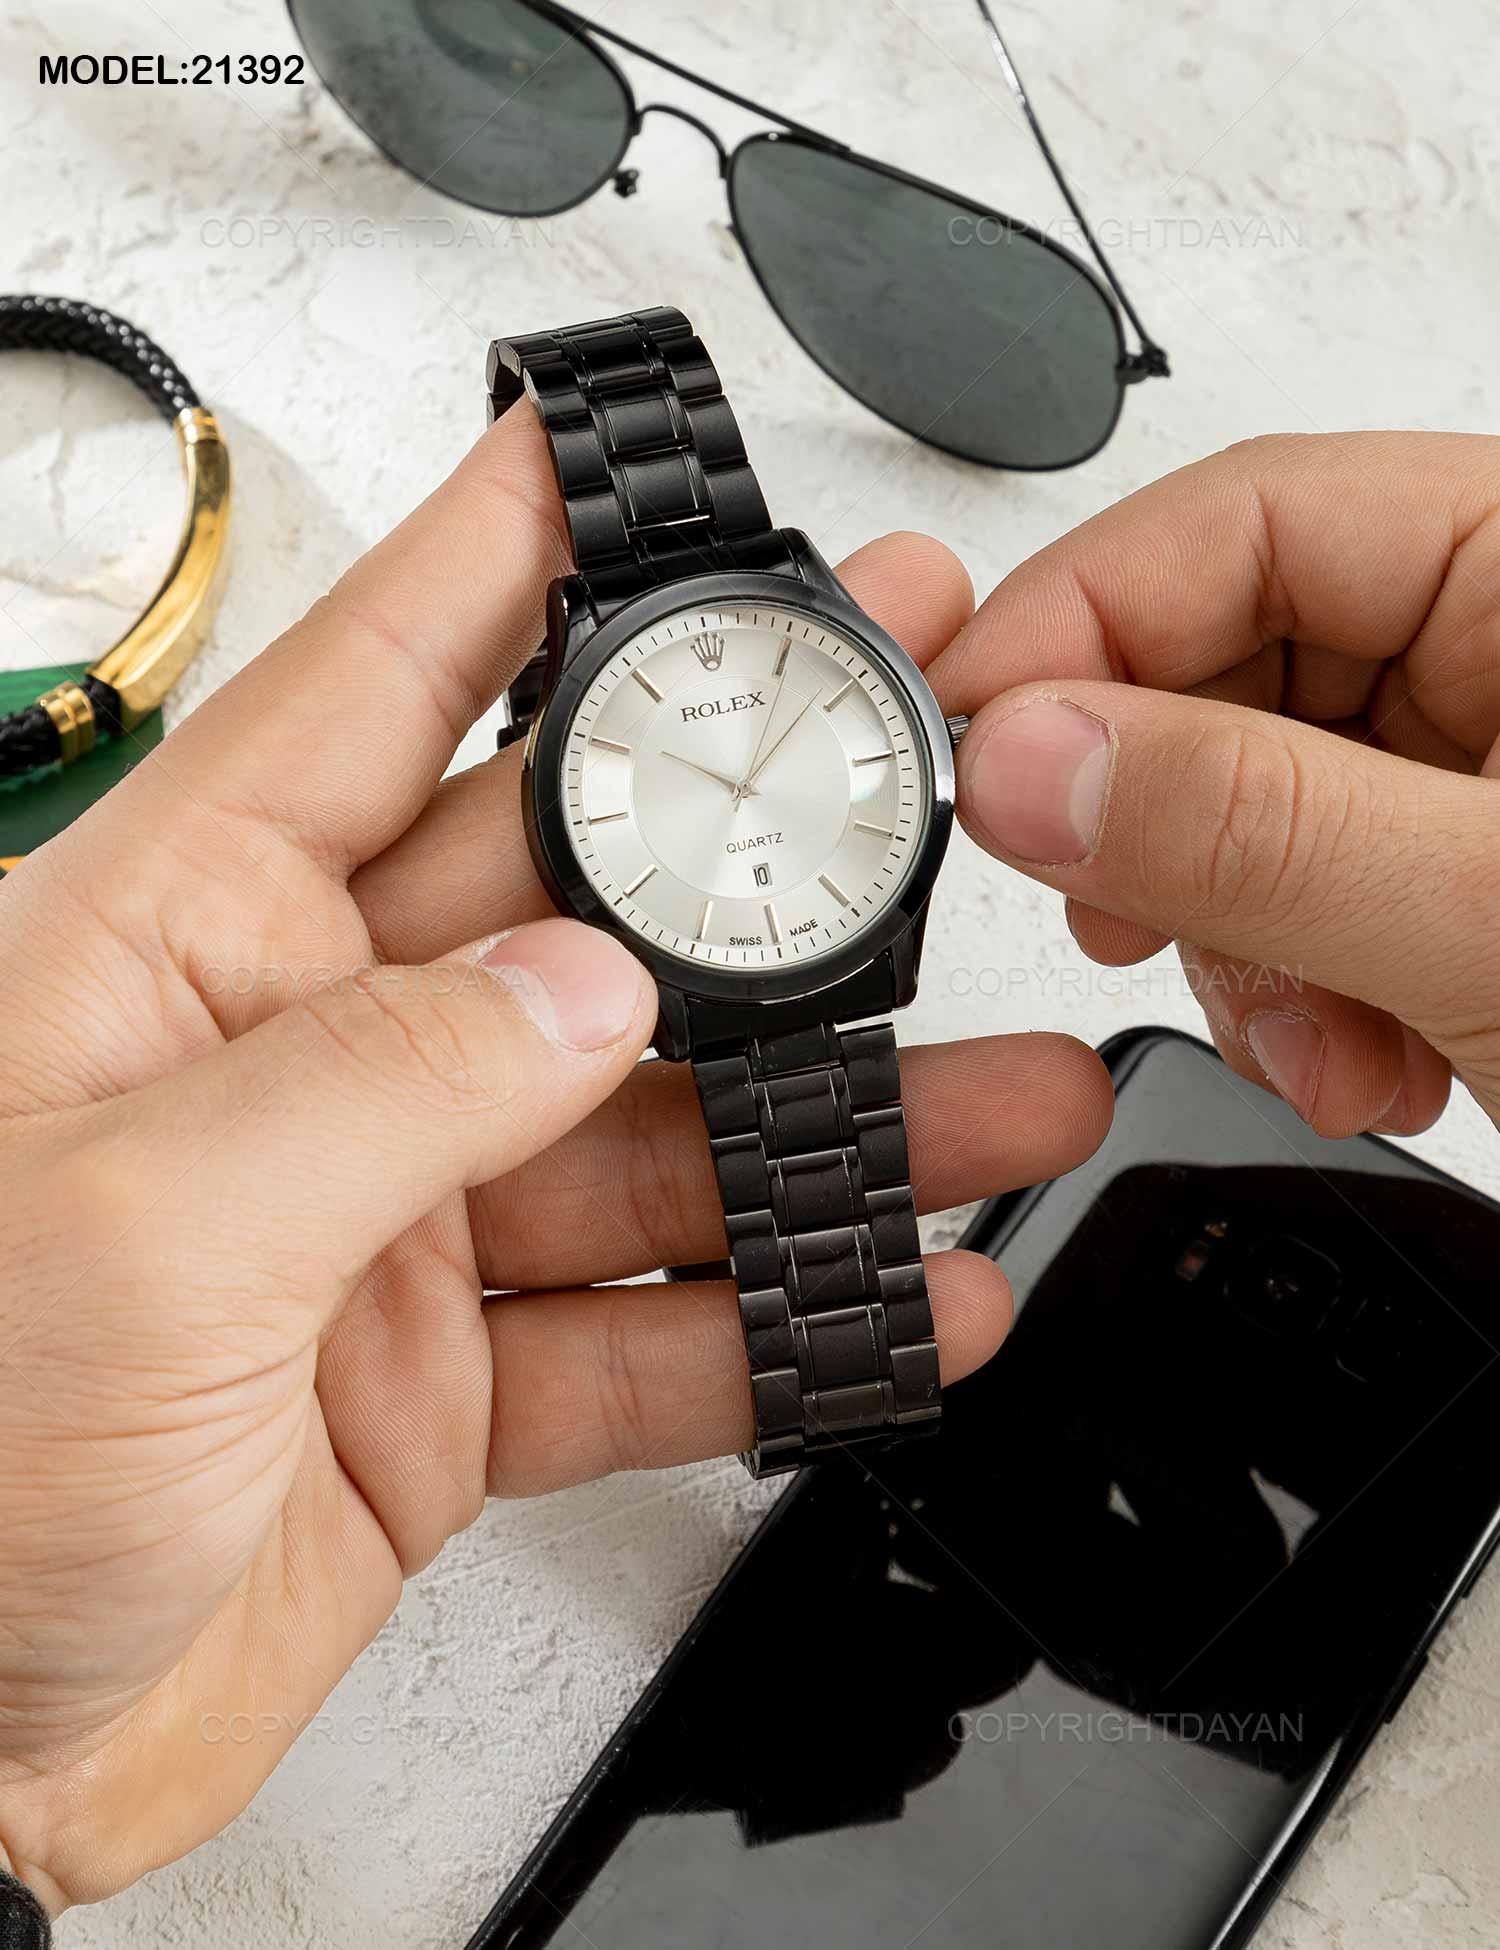 ساعت مچی مردانه Rolex مدل 21392 ساعت مچی مردانه Rolex مدل 21392 169,000 تومان